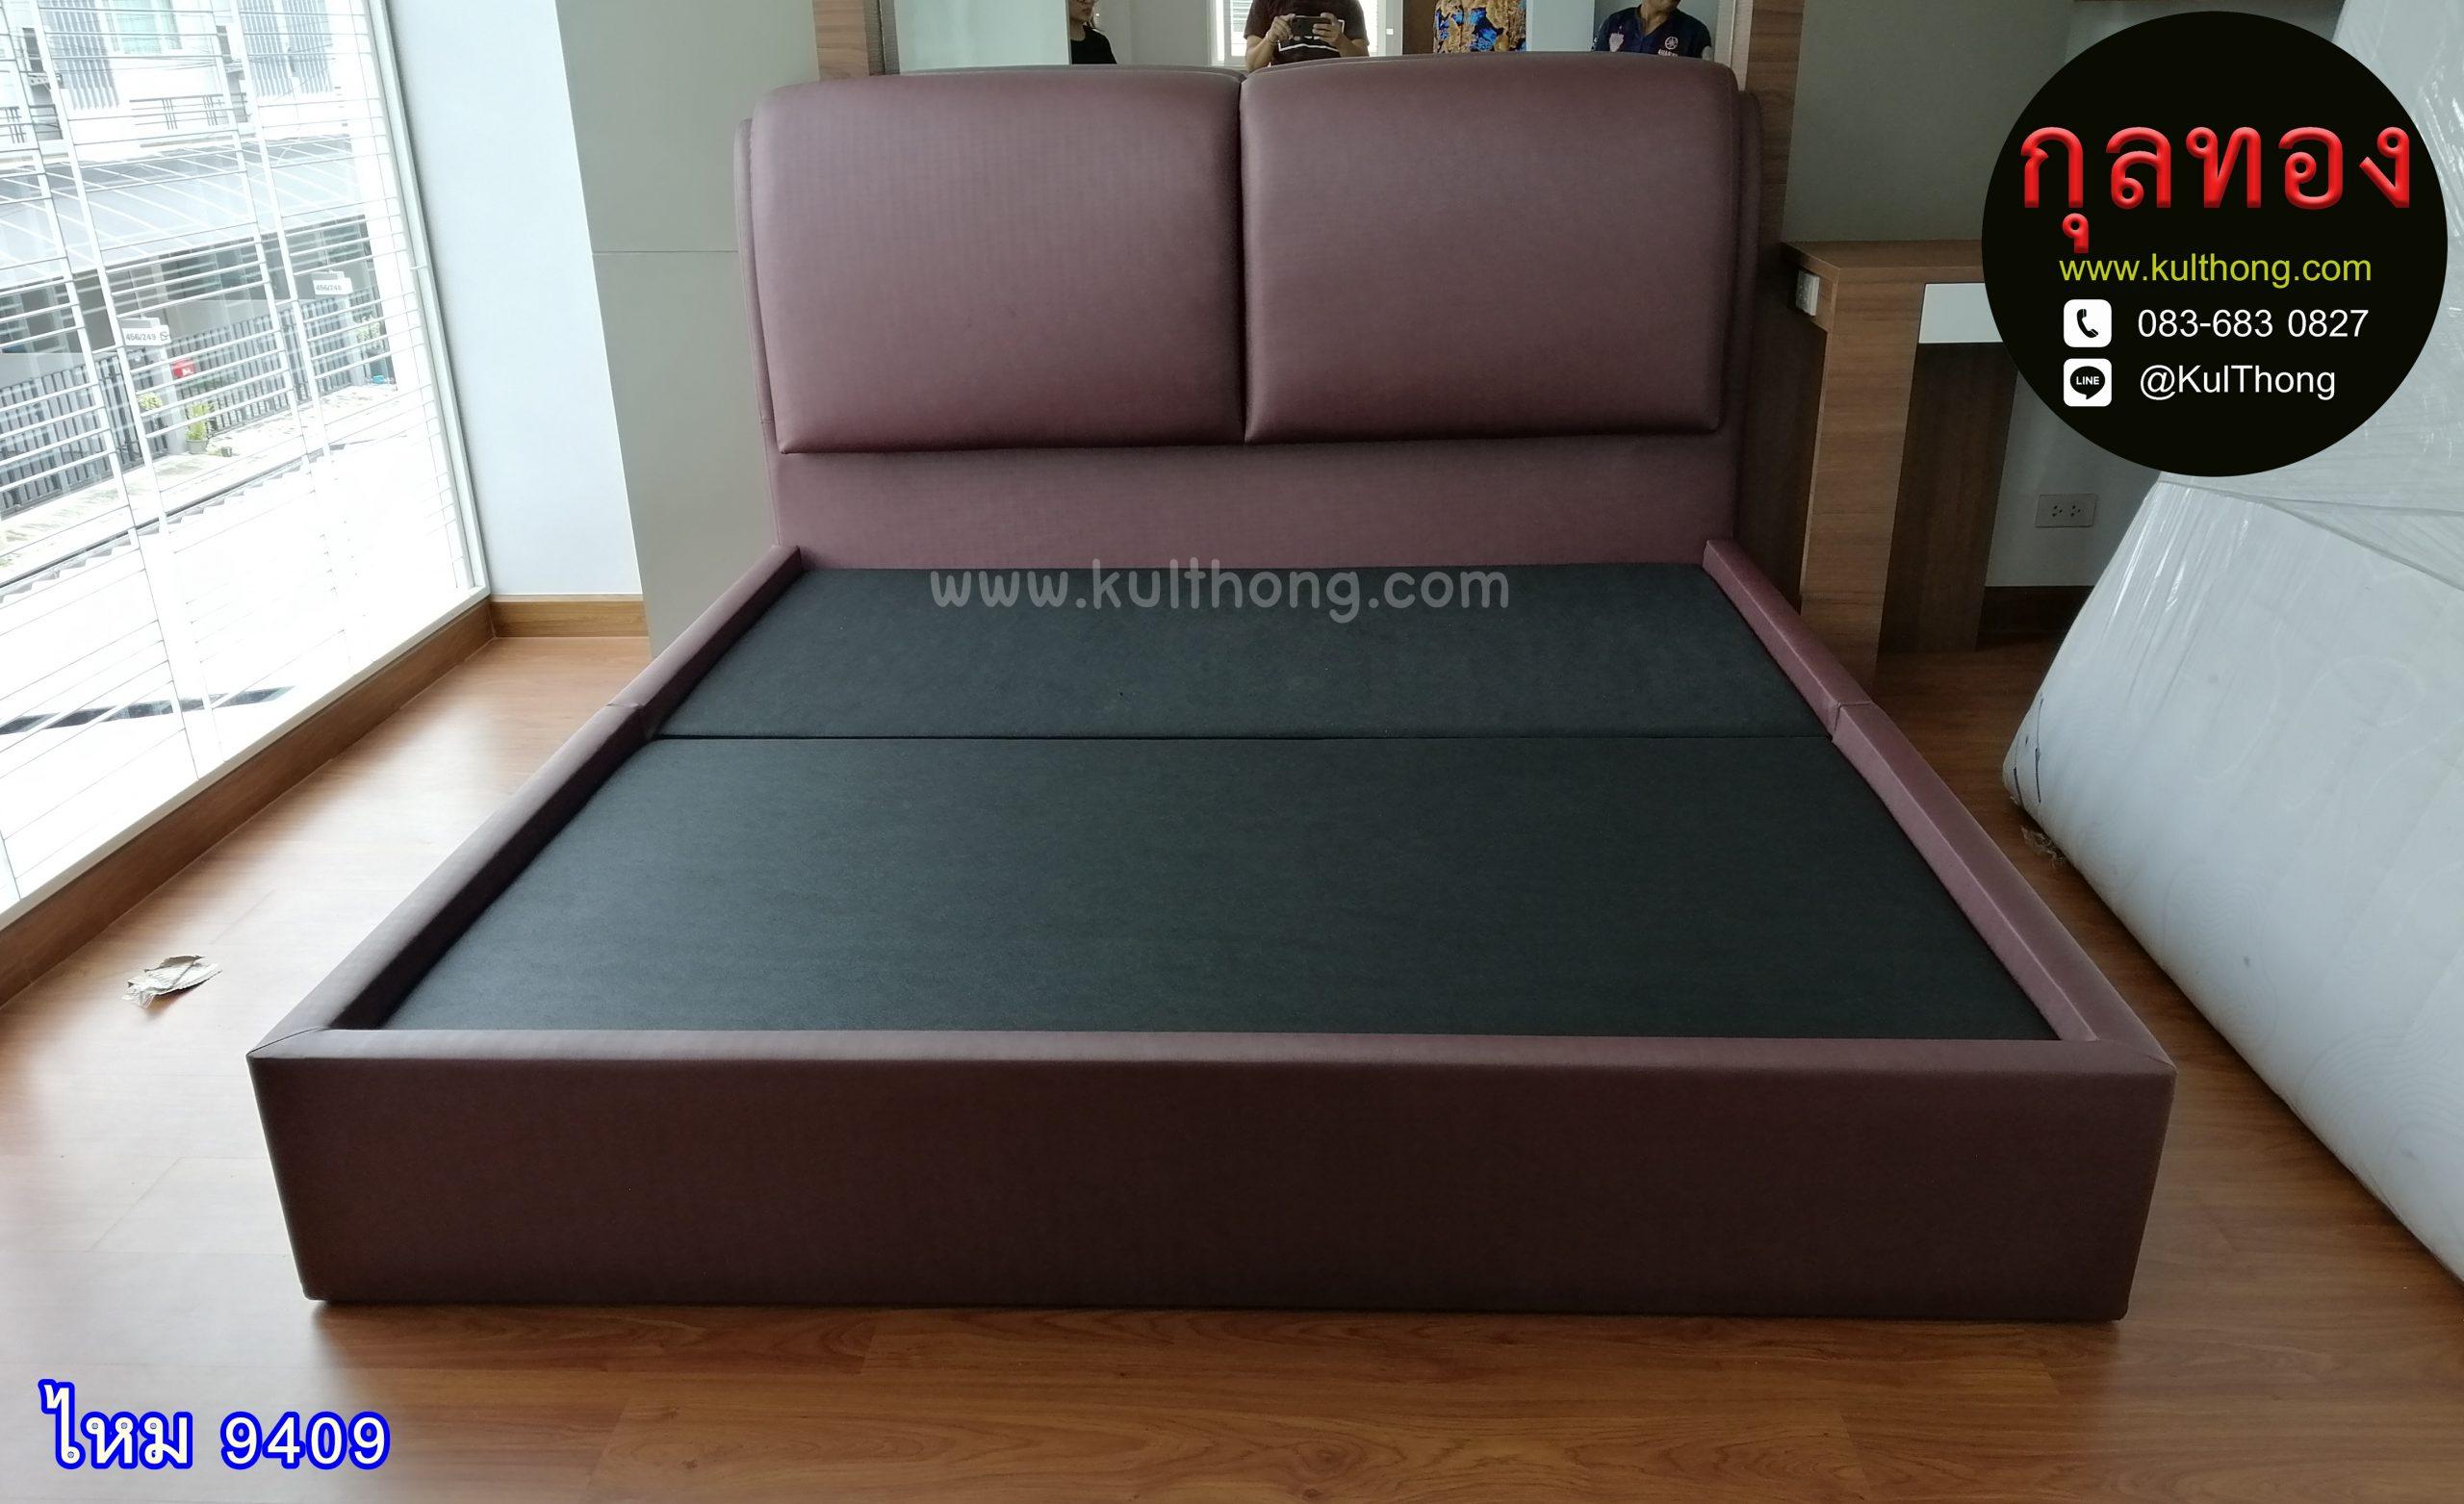 เตียงหุ้มหนัง เตียงหัวนวม เตียงดีไซน์ ฐานรองที่นอน